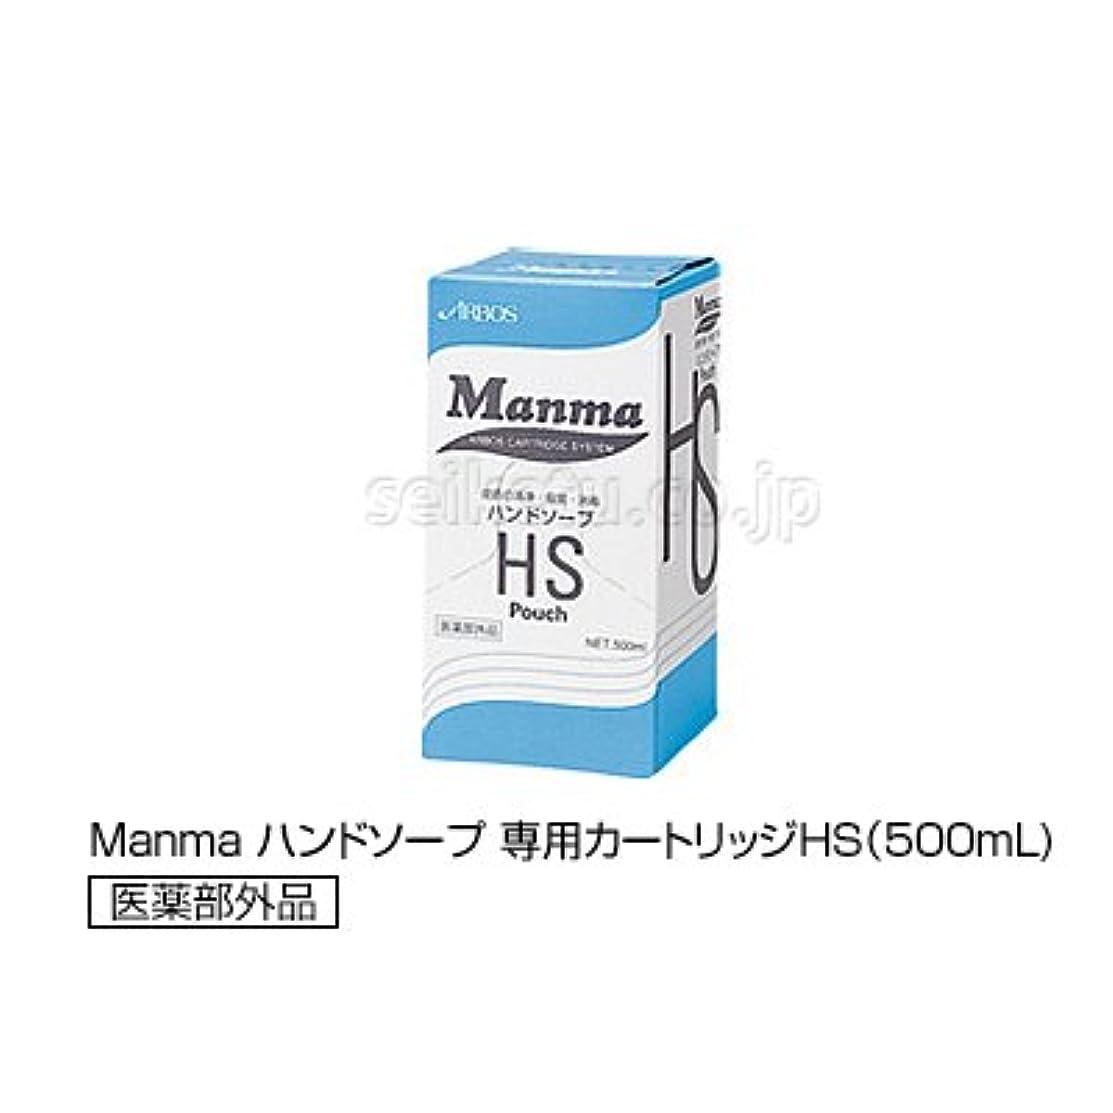 肝髄同性愛者Manma ハンドソープ 専用カートリッジ/専用カートリッジHS(500mL)【清潔キレイ館】